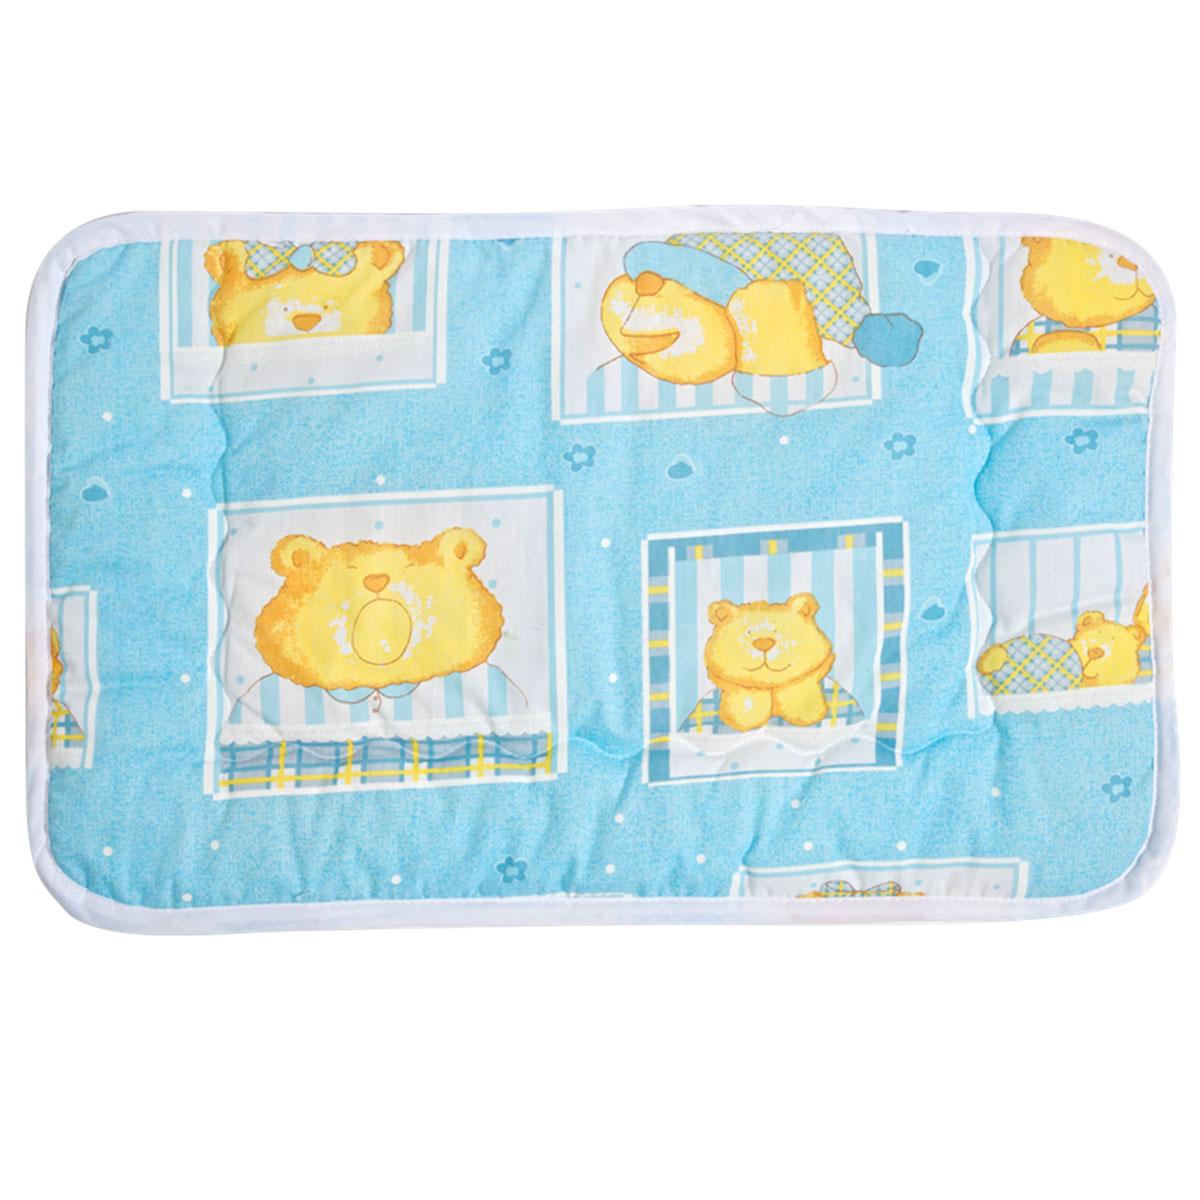 Подушка детская Primavelle Fani, цвет: голубой, 40 см х 60 см113110303-18